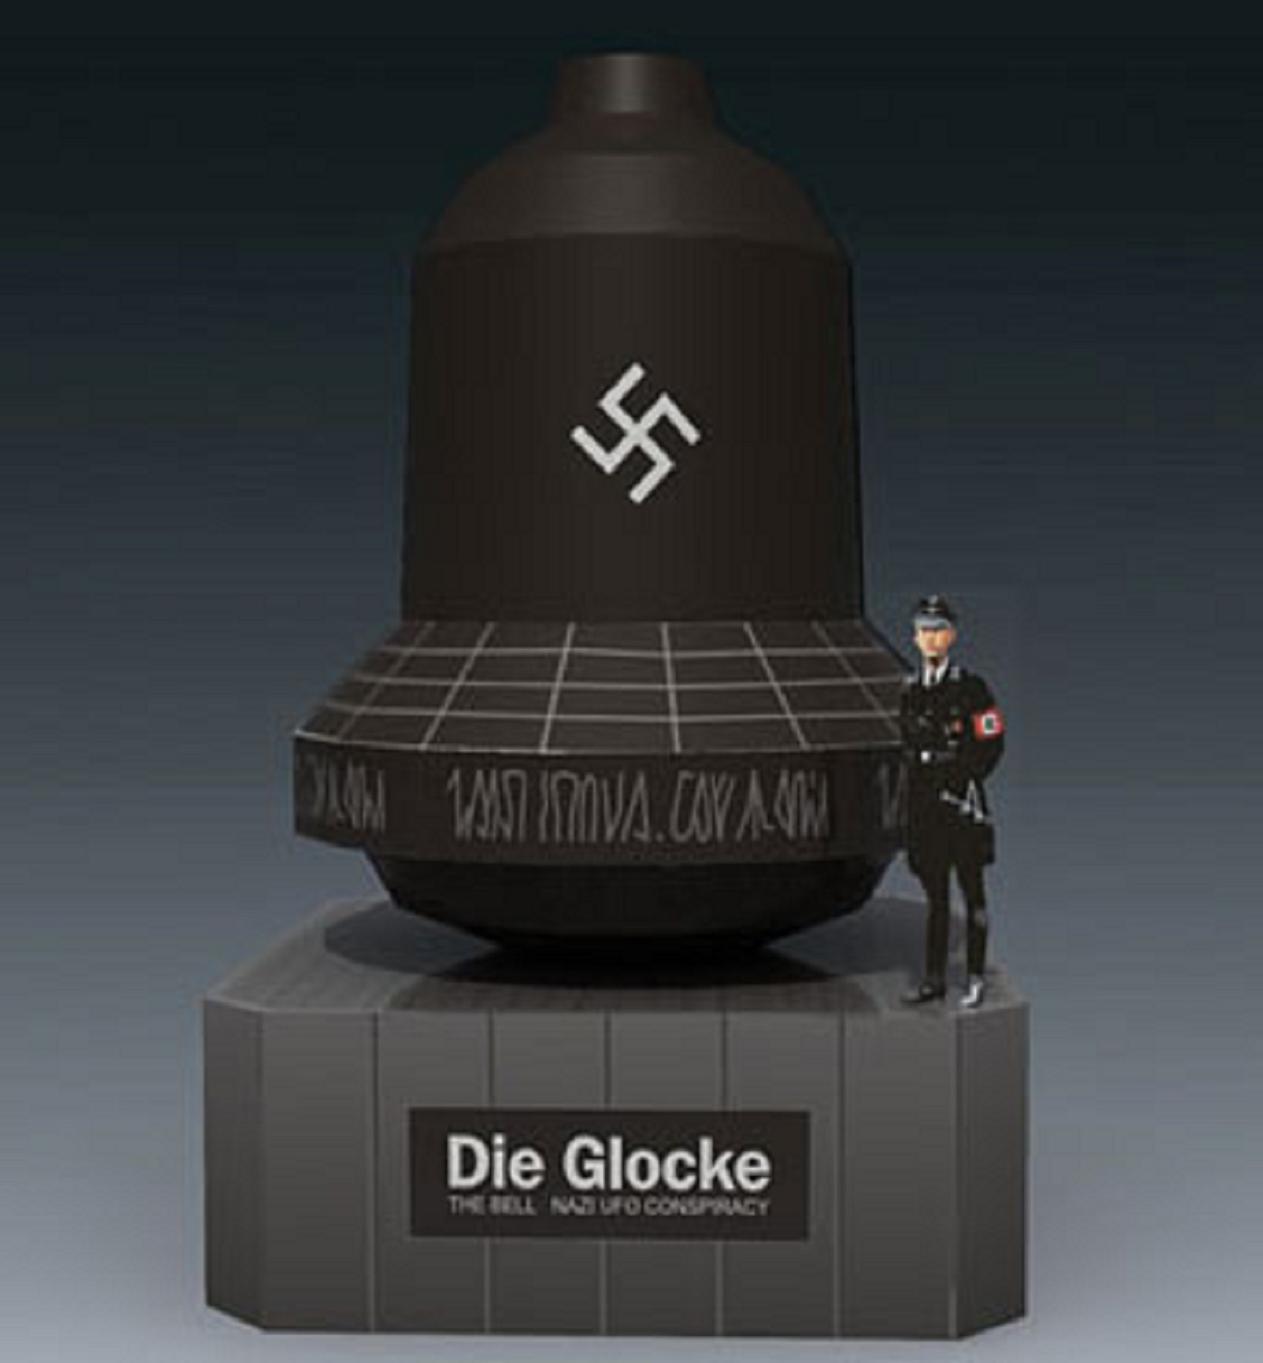 Ο Στρατηγός των SS Jacob Sporrenberg. αποκάλυψε σε ένορκη κατάθεση του την ύπαρξη ενός μυστικού σχεδίου με το όνομα «Die Glocke» («Η Καμπάνα»). Οι θεωρίες περί αυτού του σχεδίου είναι ποικίλες και αφορούν από όπλα αντιβαρύτητας, μέχρι και ατομική βόμβα.